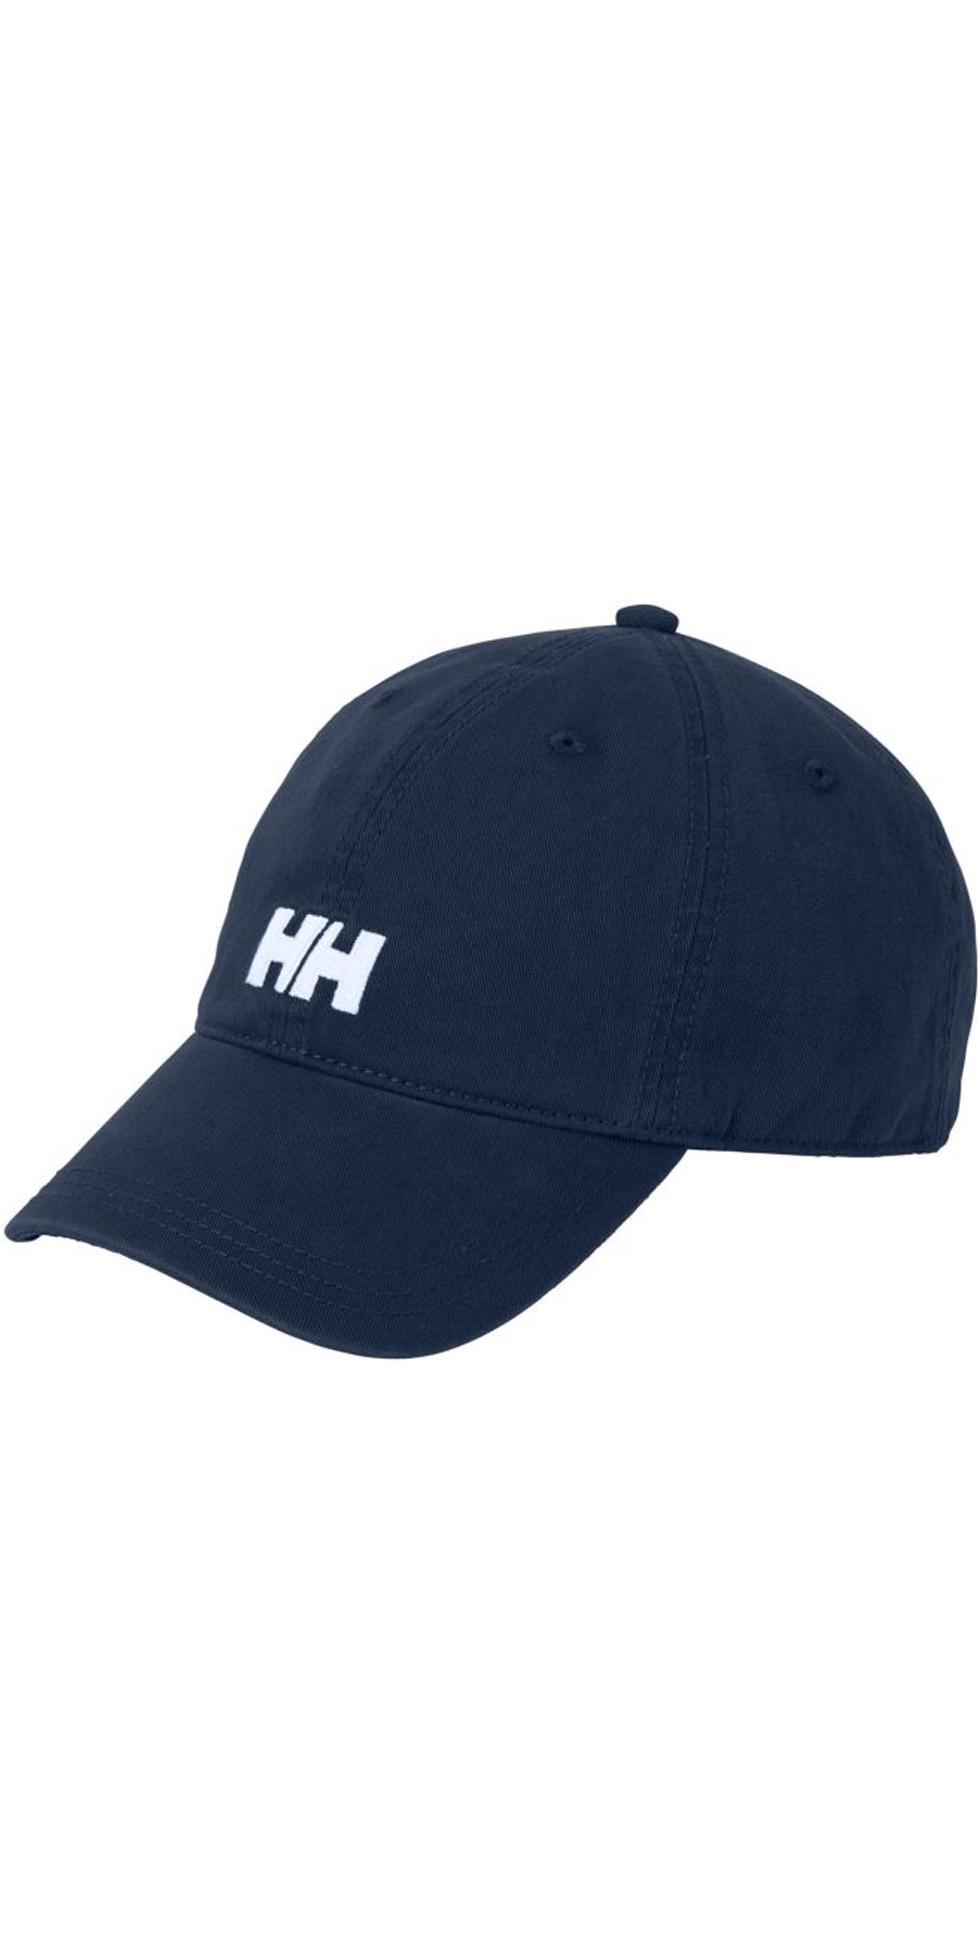 2019 Helly Hansen Logo Cap Navy / Navy Logo 38791